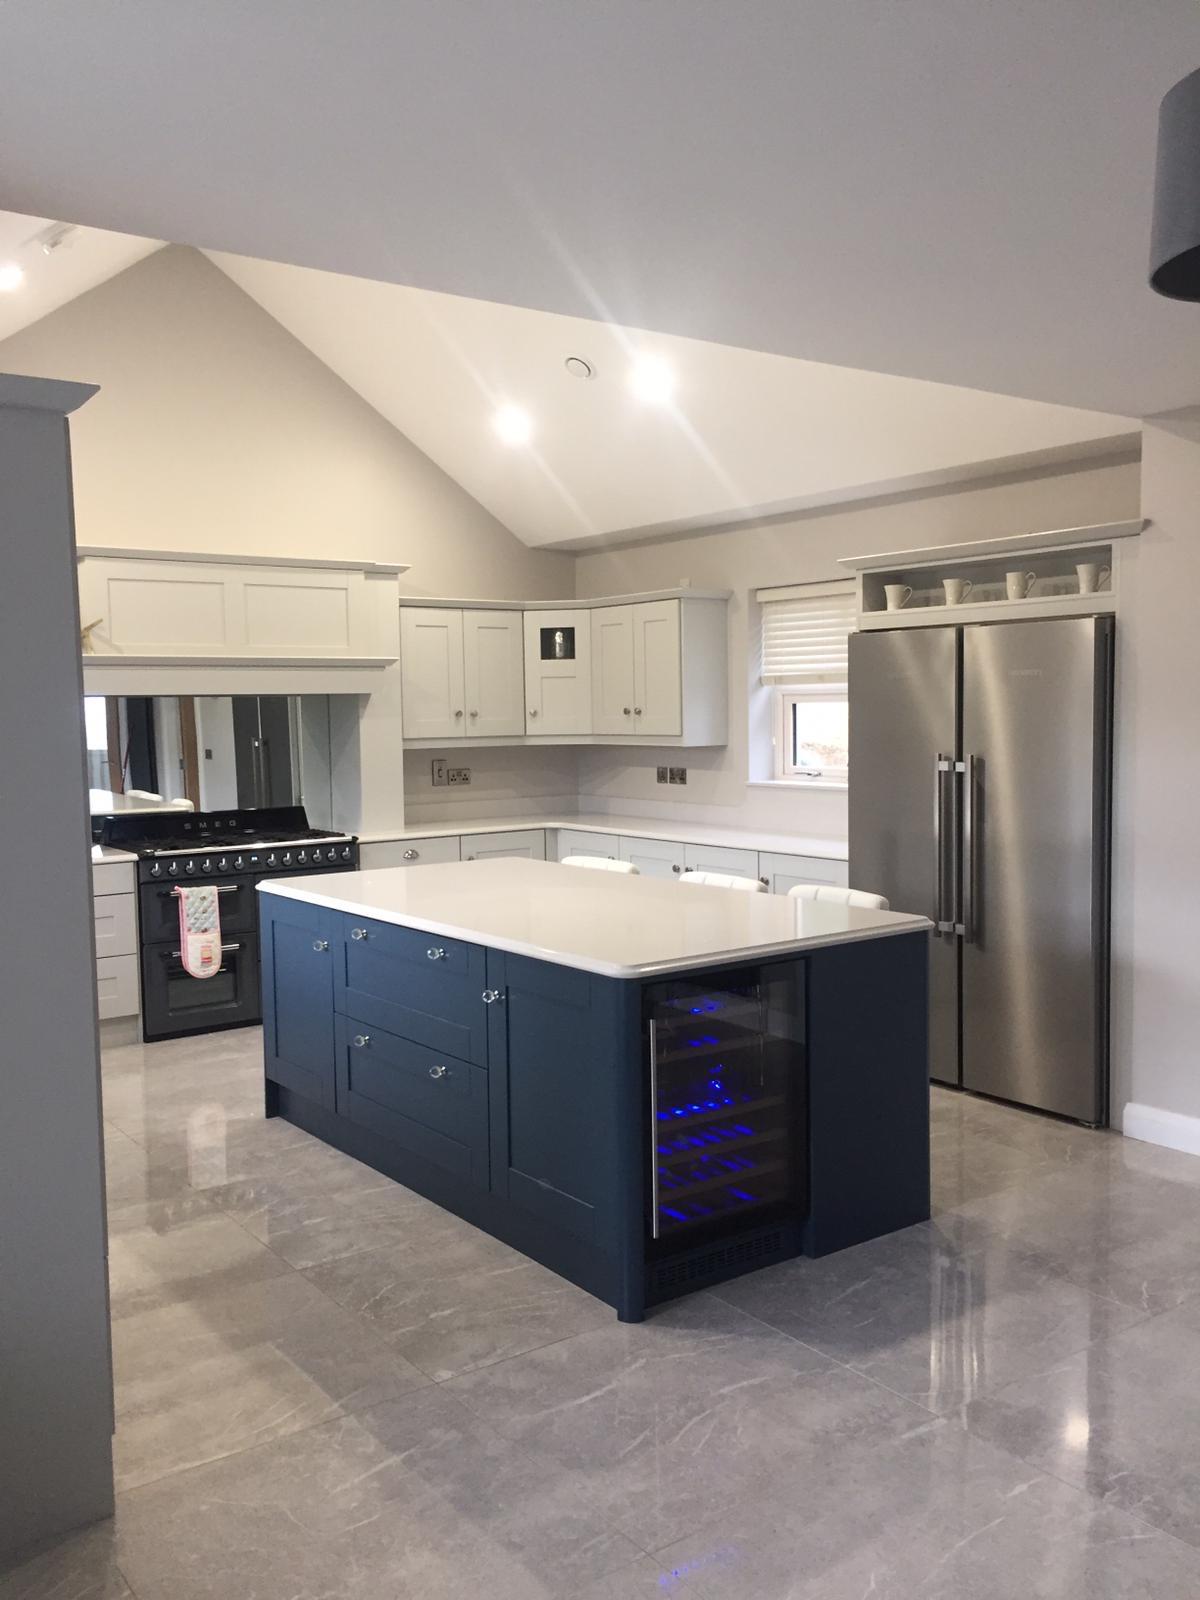 FJS Contracts Ltd: house build